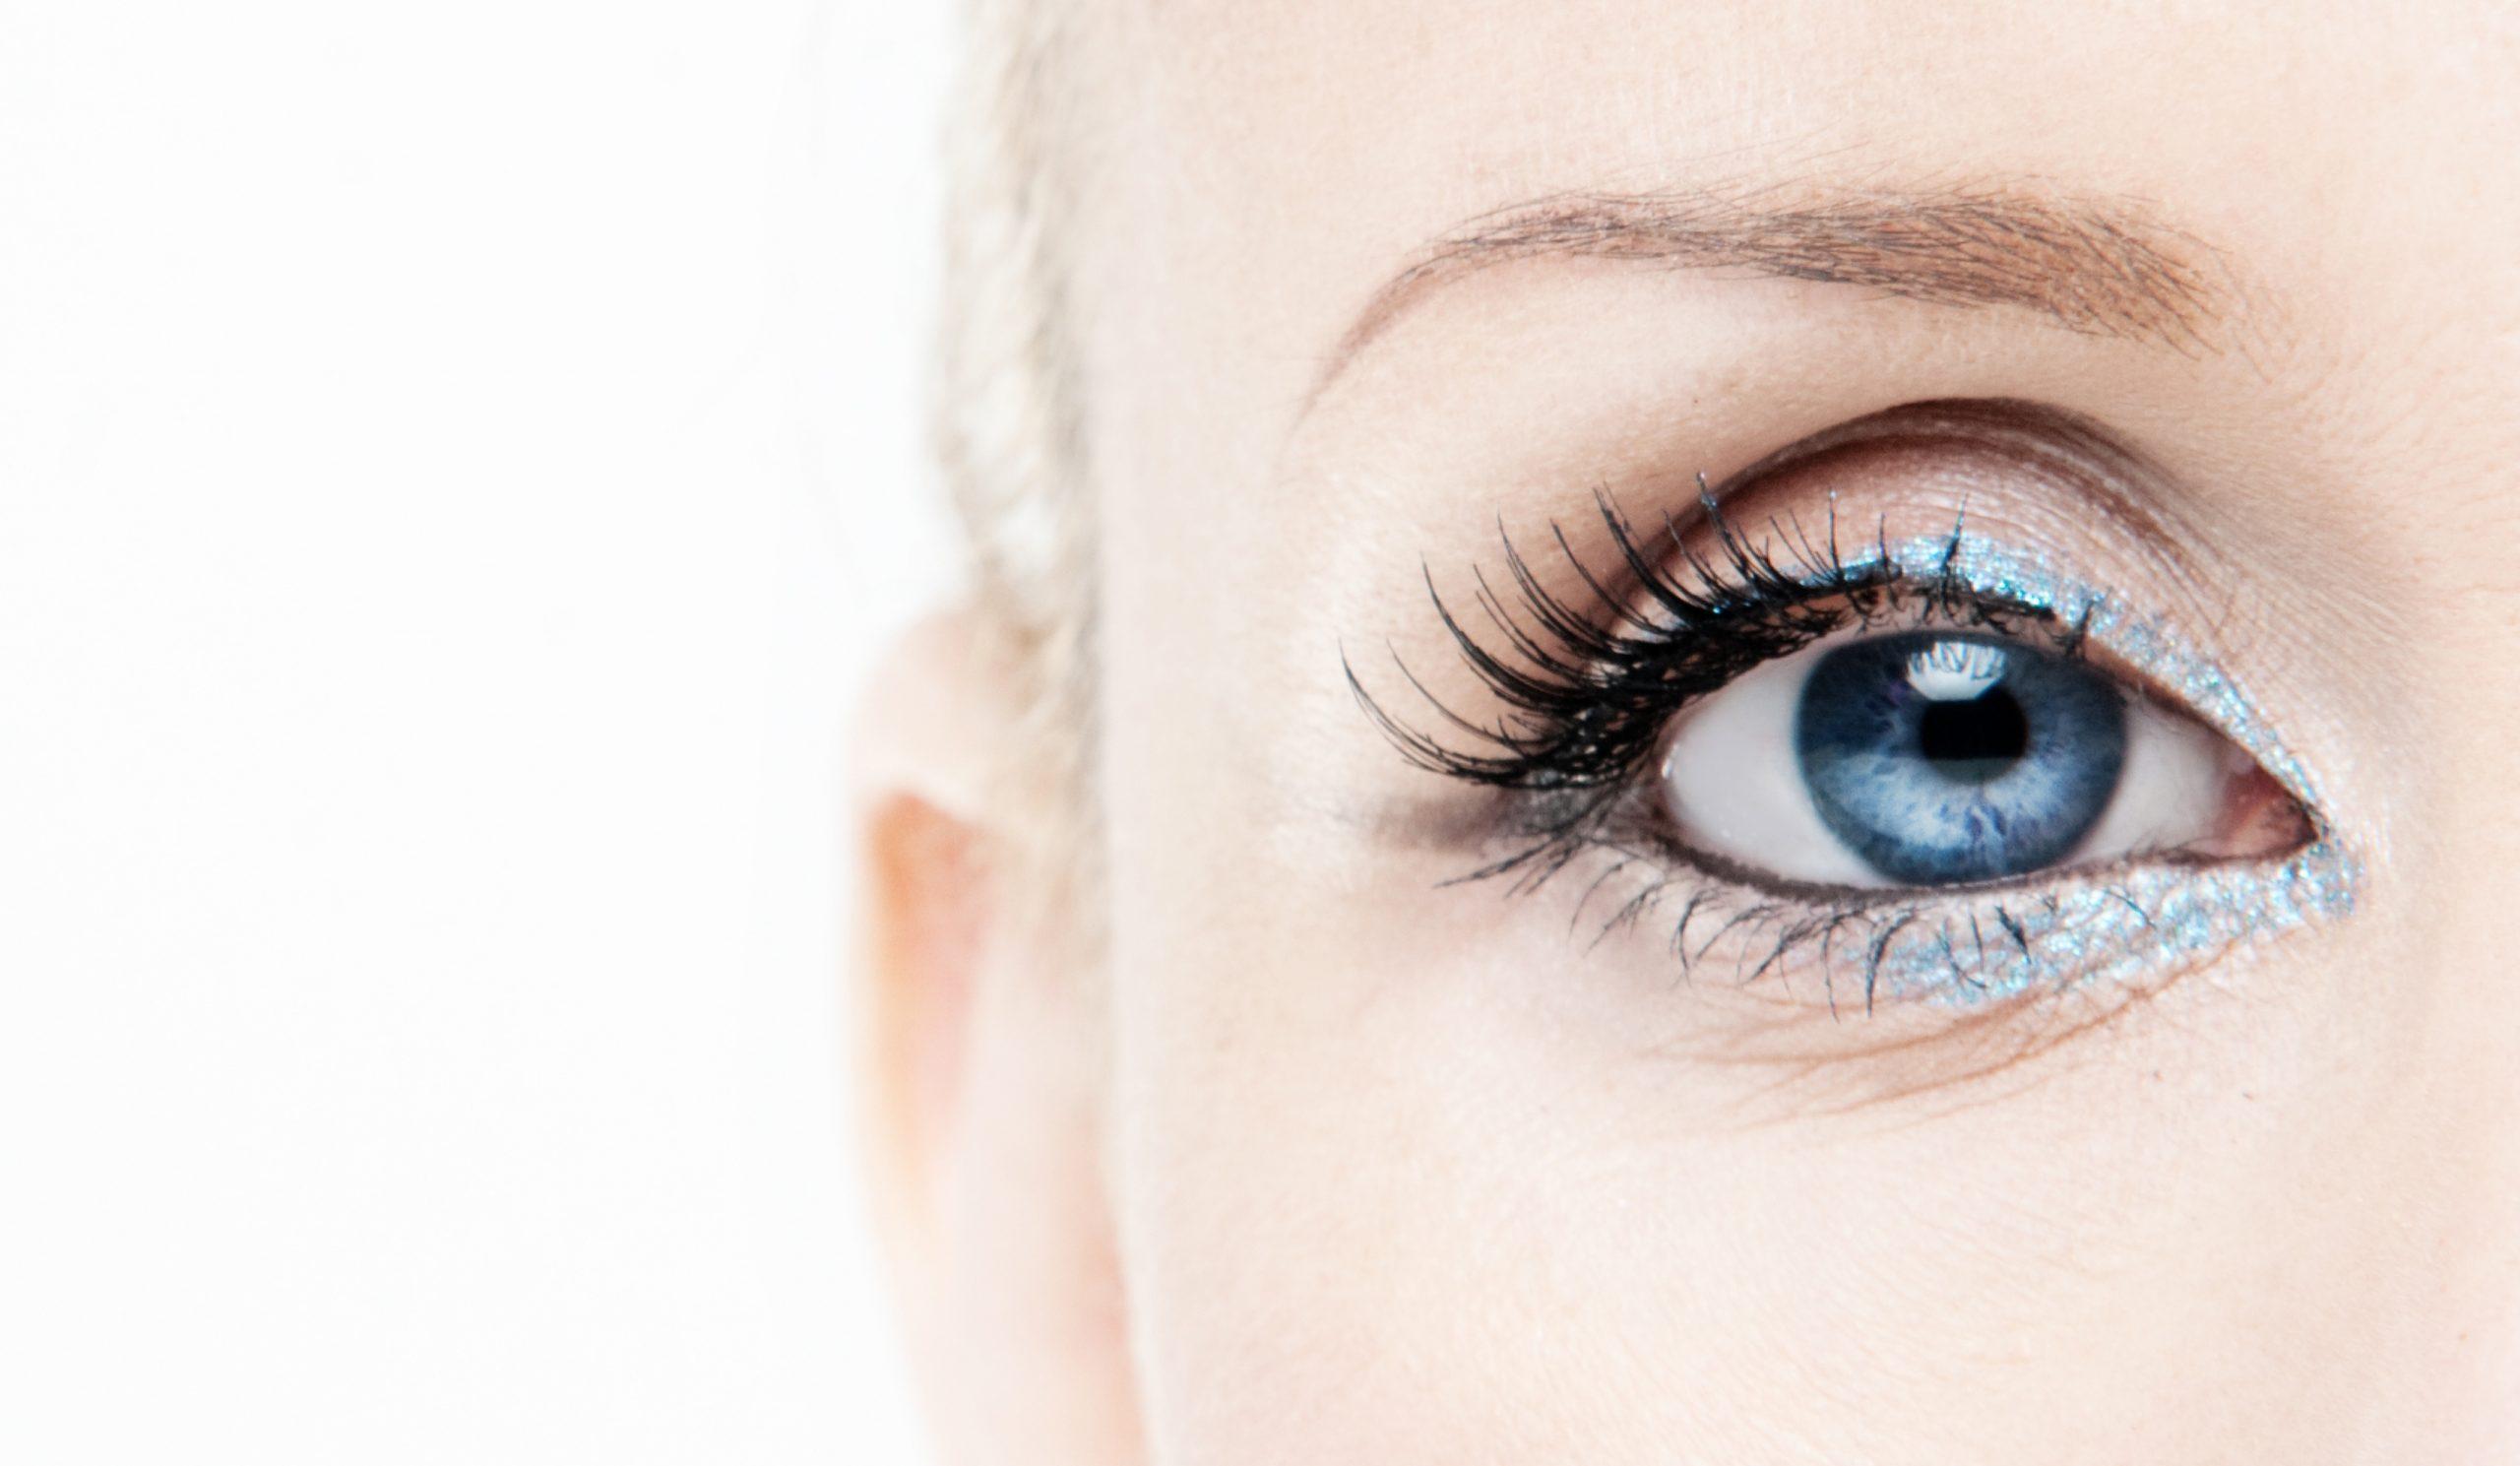 Eye_Post-Merger_Integration.jpg